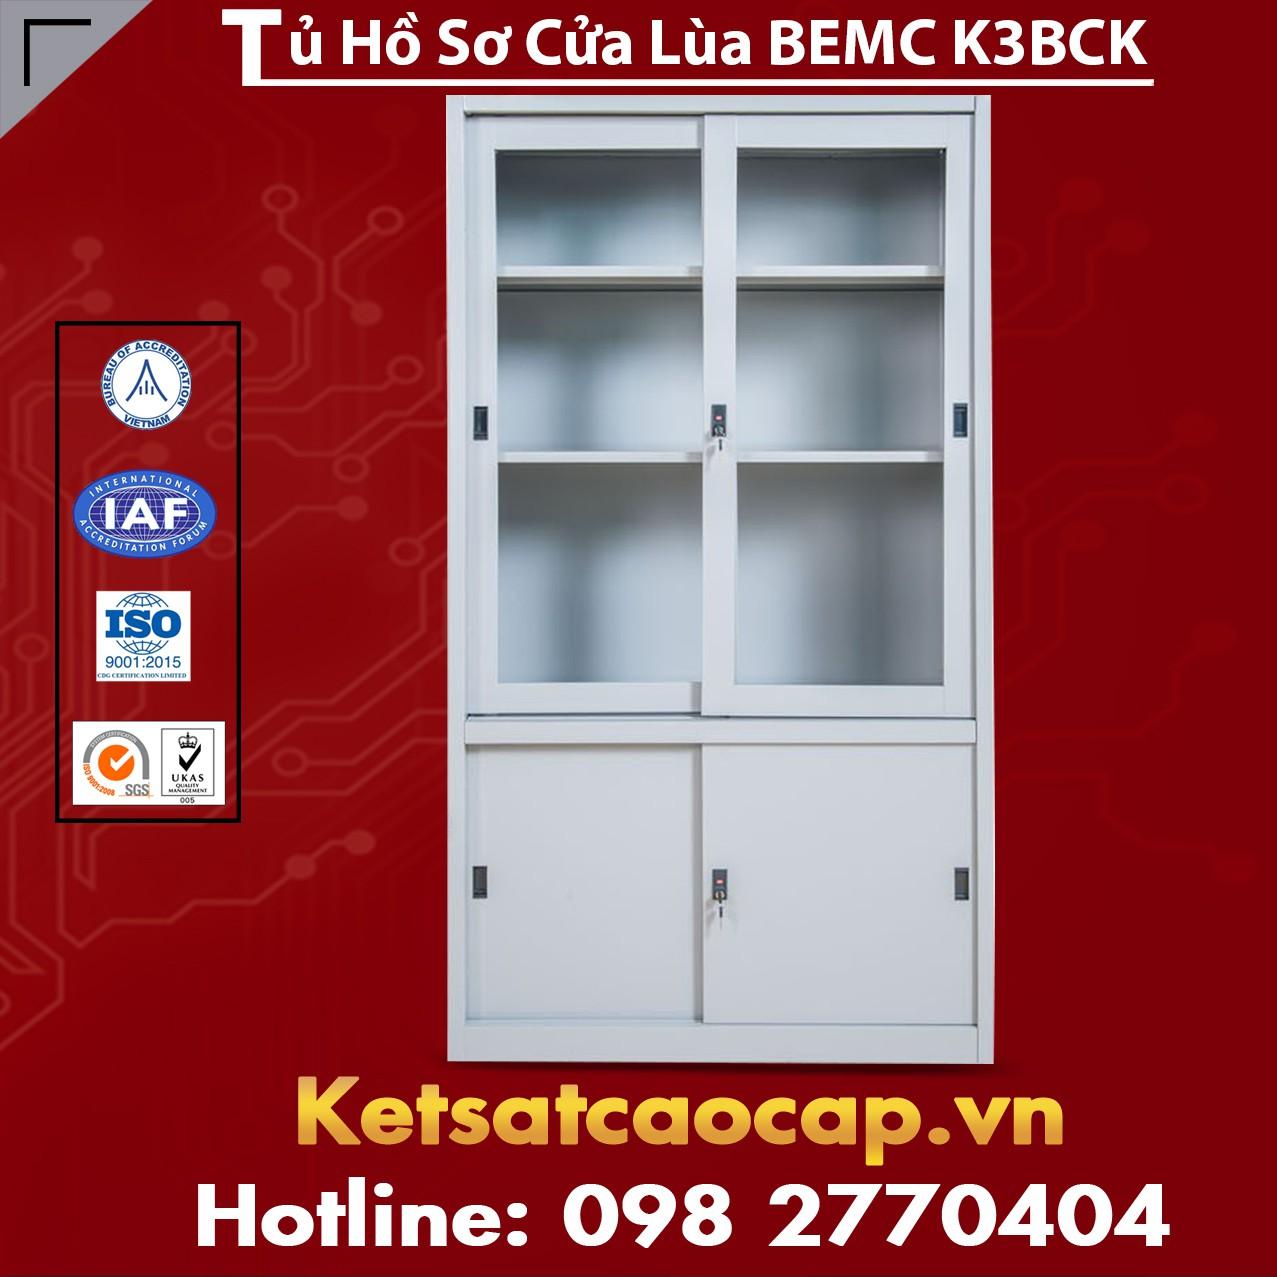 Tủ Hồ Sơ BEMC K3BCK